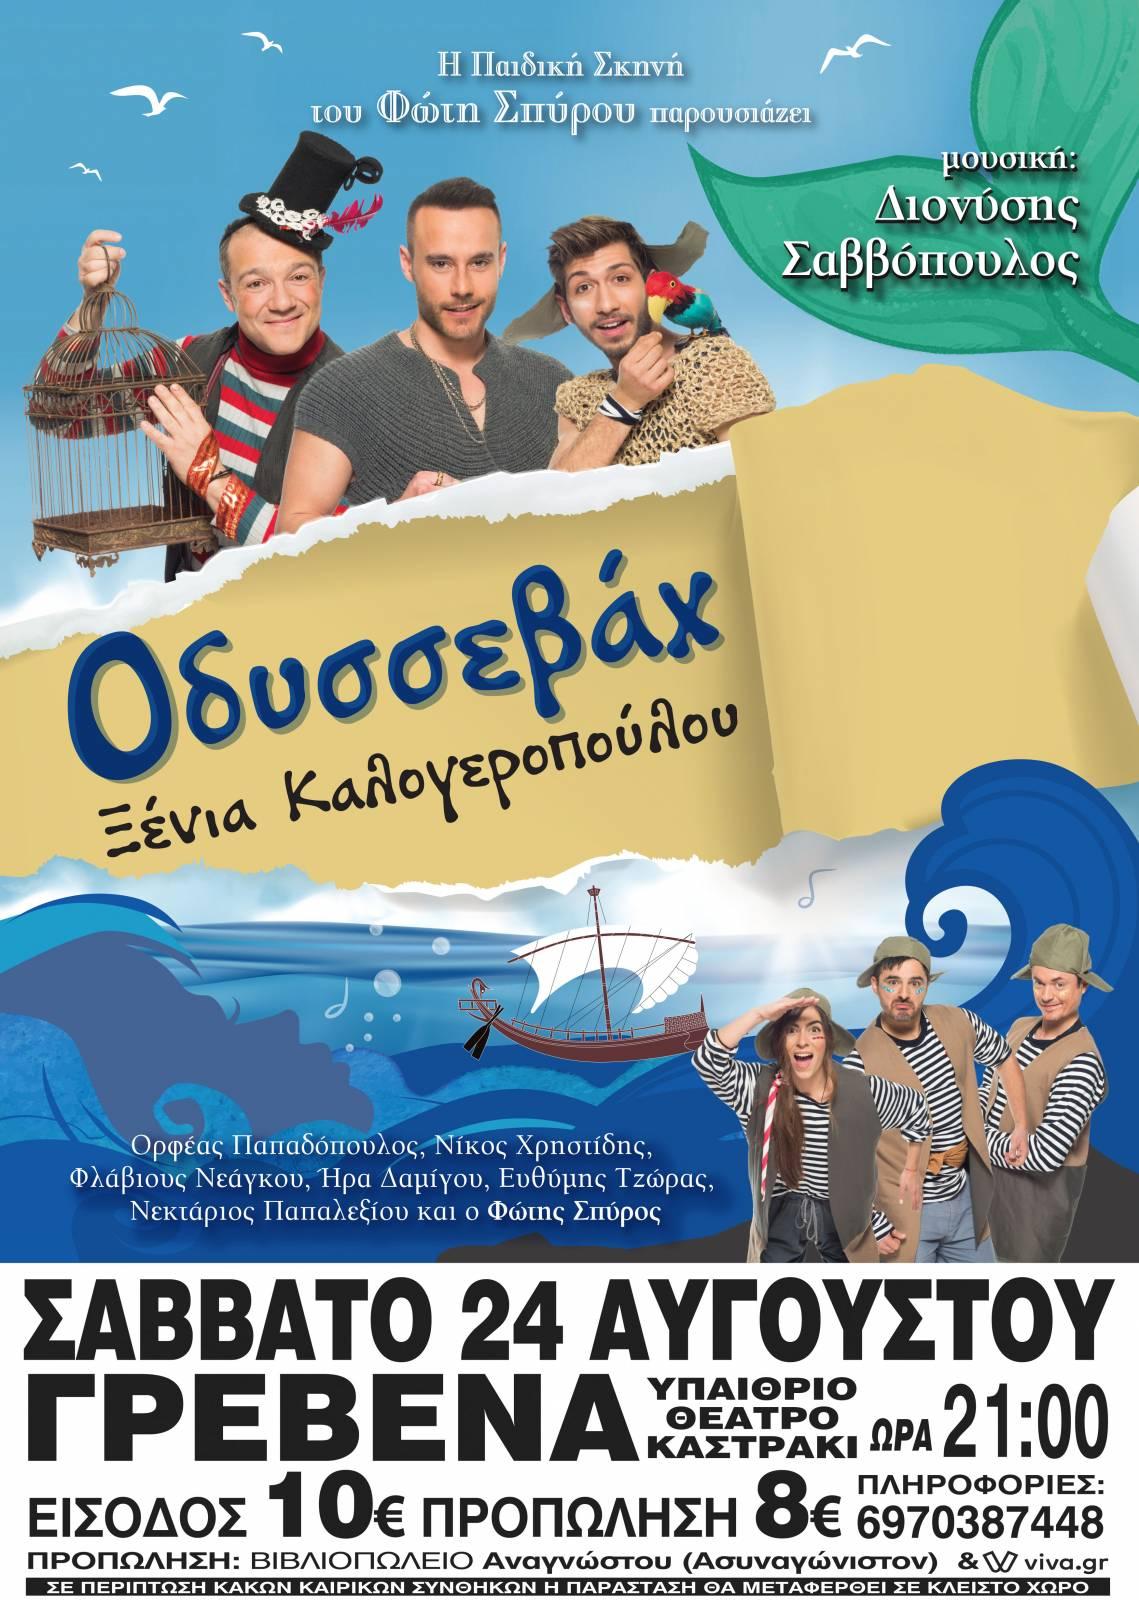 """Η θεατρική παράσταση """"Οδυσσεβάχ"""" στο υπαίθριο θέατρο Καστράκι"""